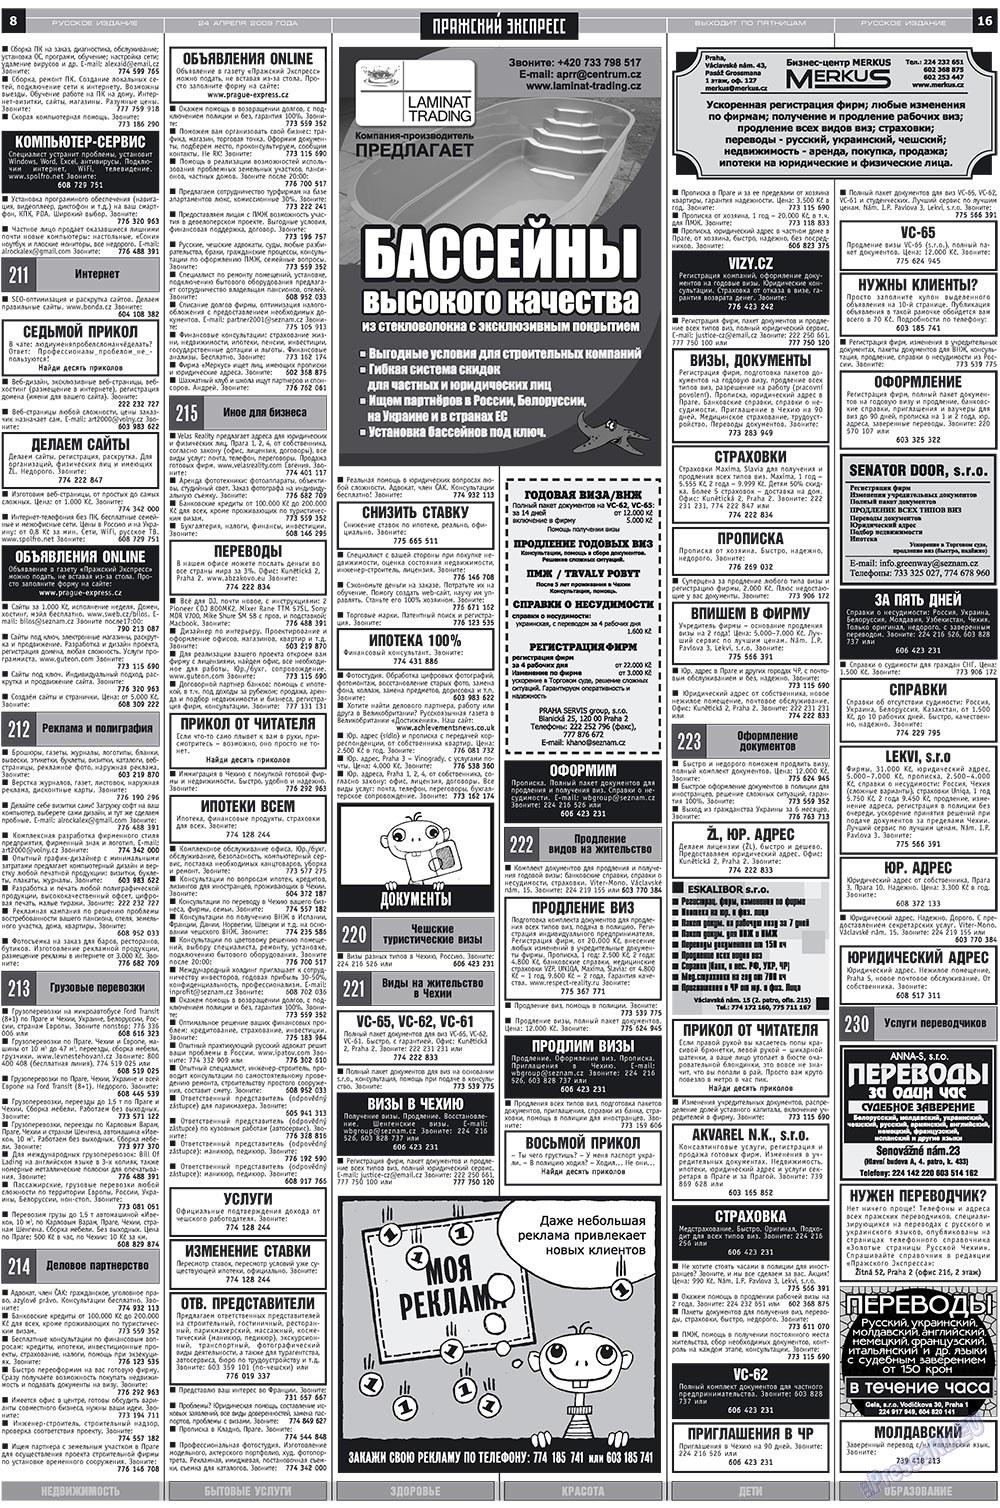 Пражский экспресс (газета). 2009 год, номер 16, стр. 8